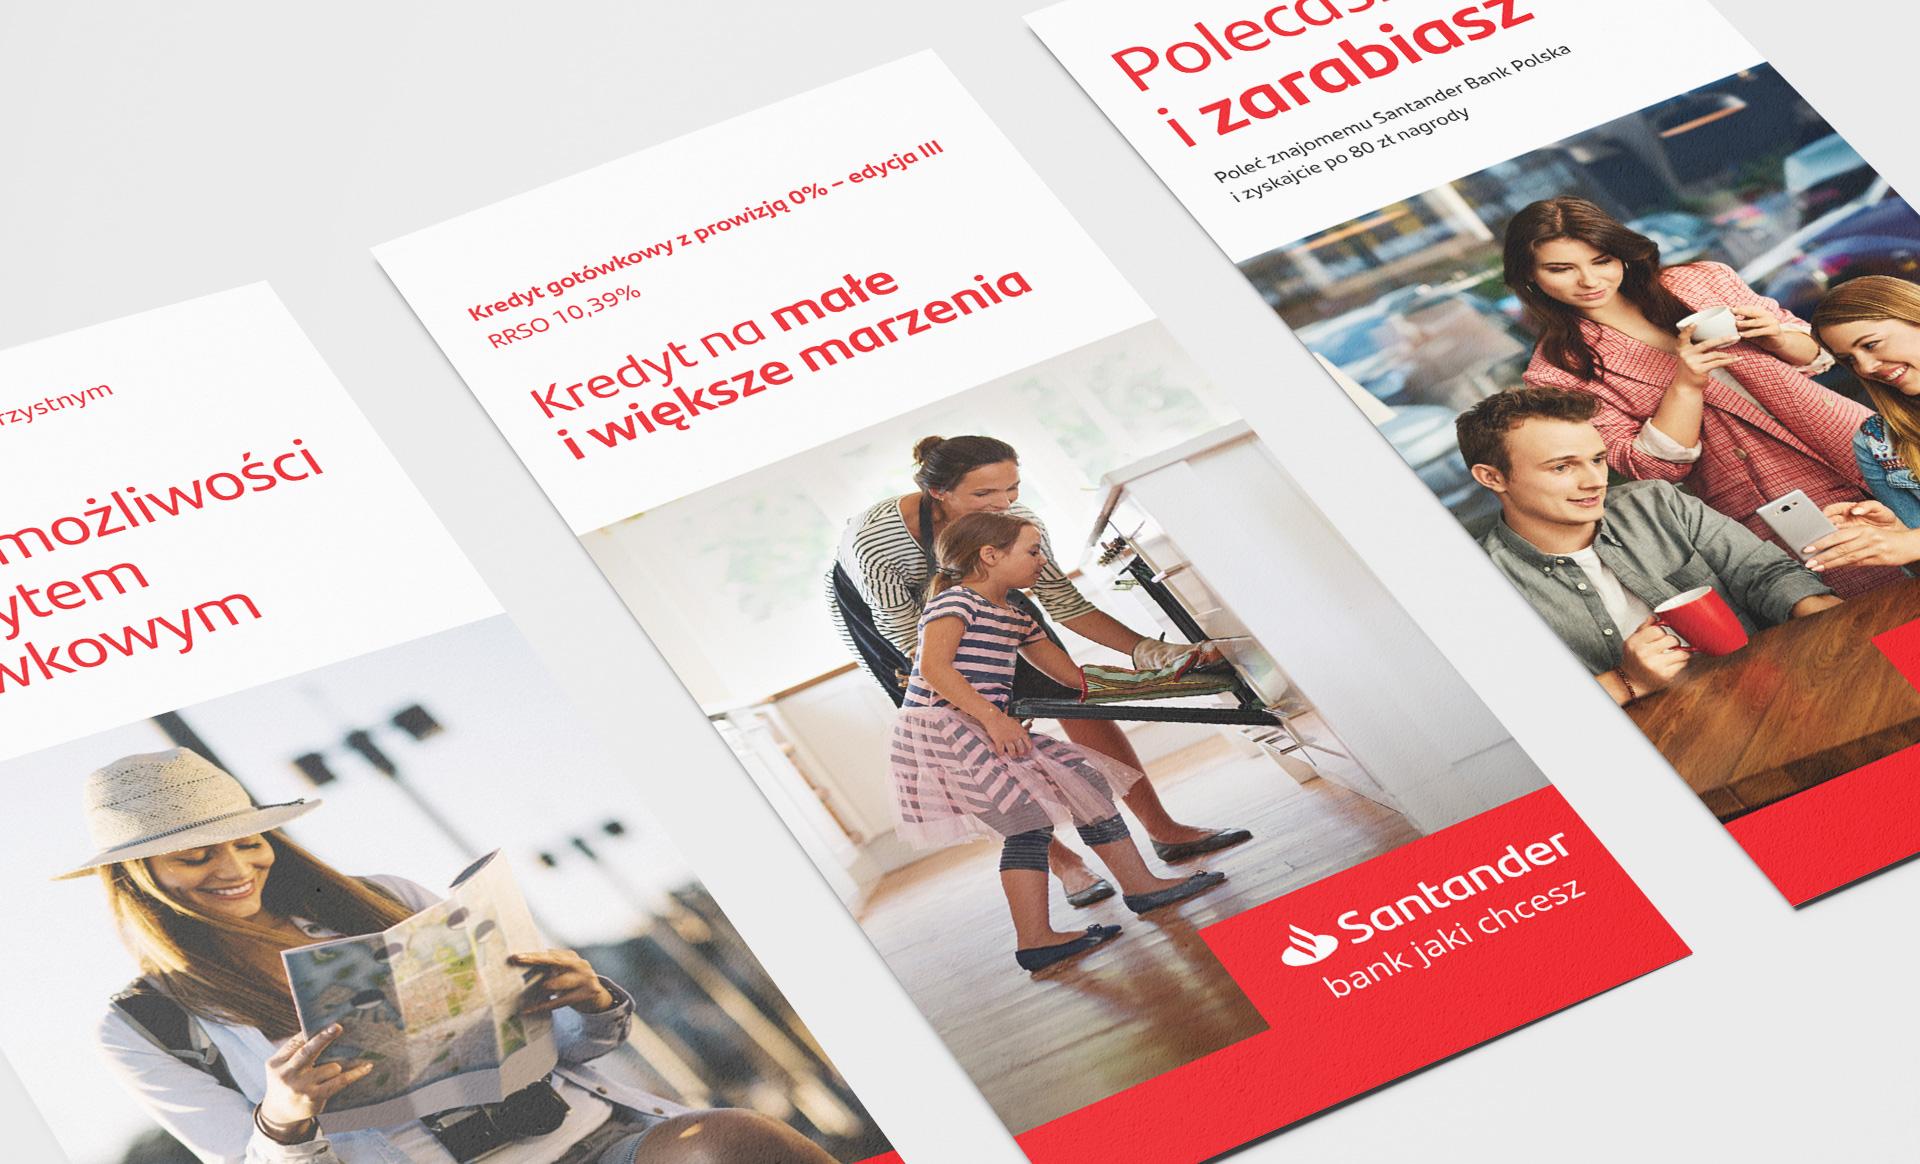 Santander POS materials